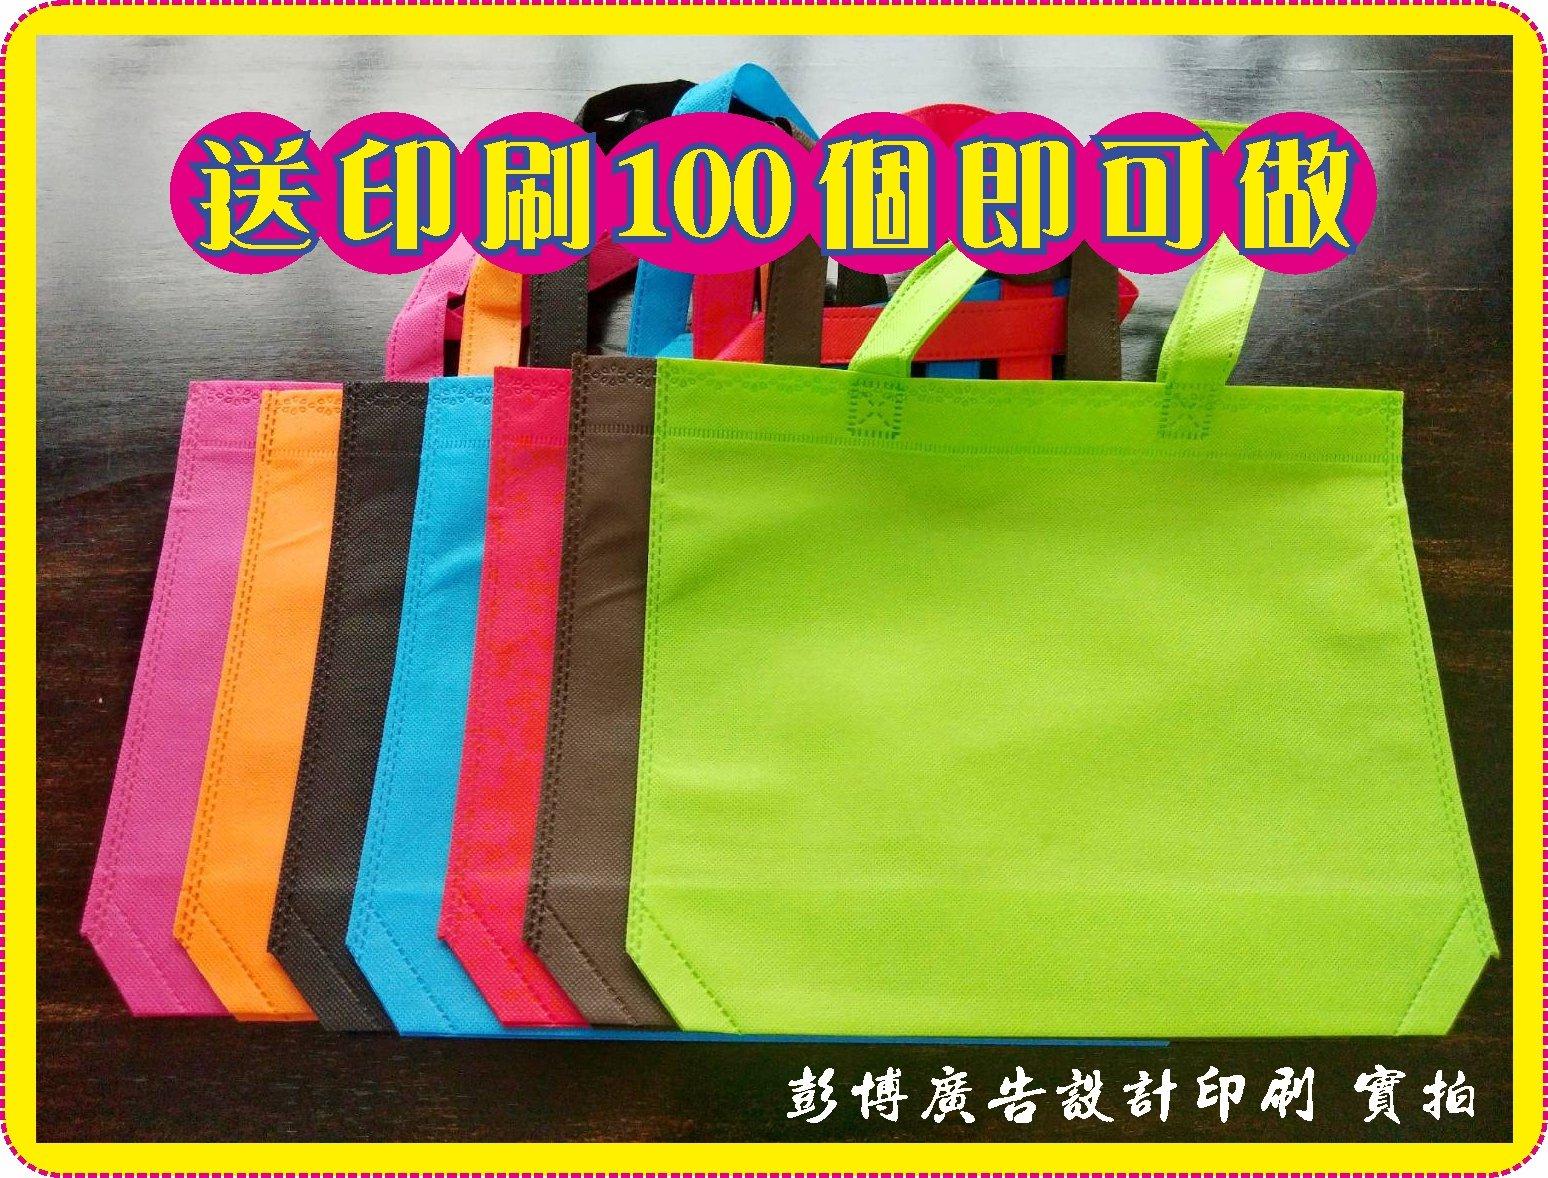 不織布單色印刷 購物袋 環保袋 收納袋 禮品廣告 贈品 活動 宣傳 手提袋 背包 束口袋 選舉 帆布 客製 彩色印刷